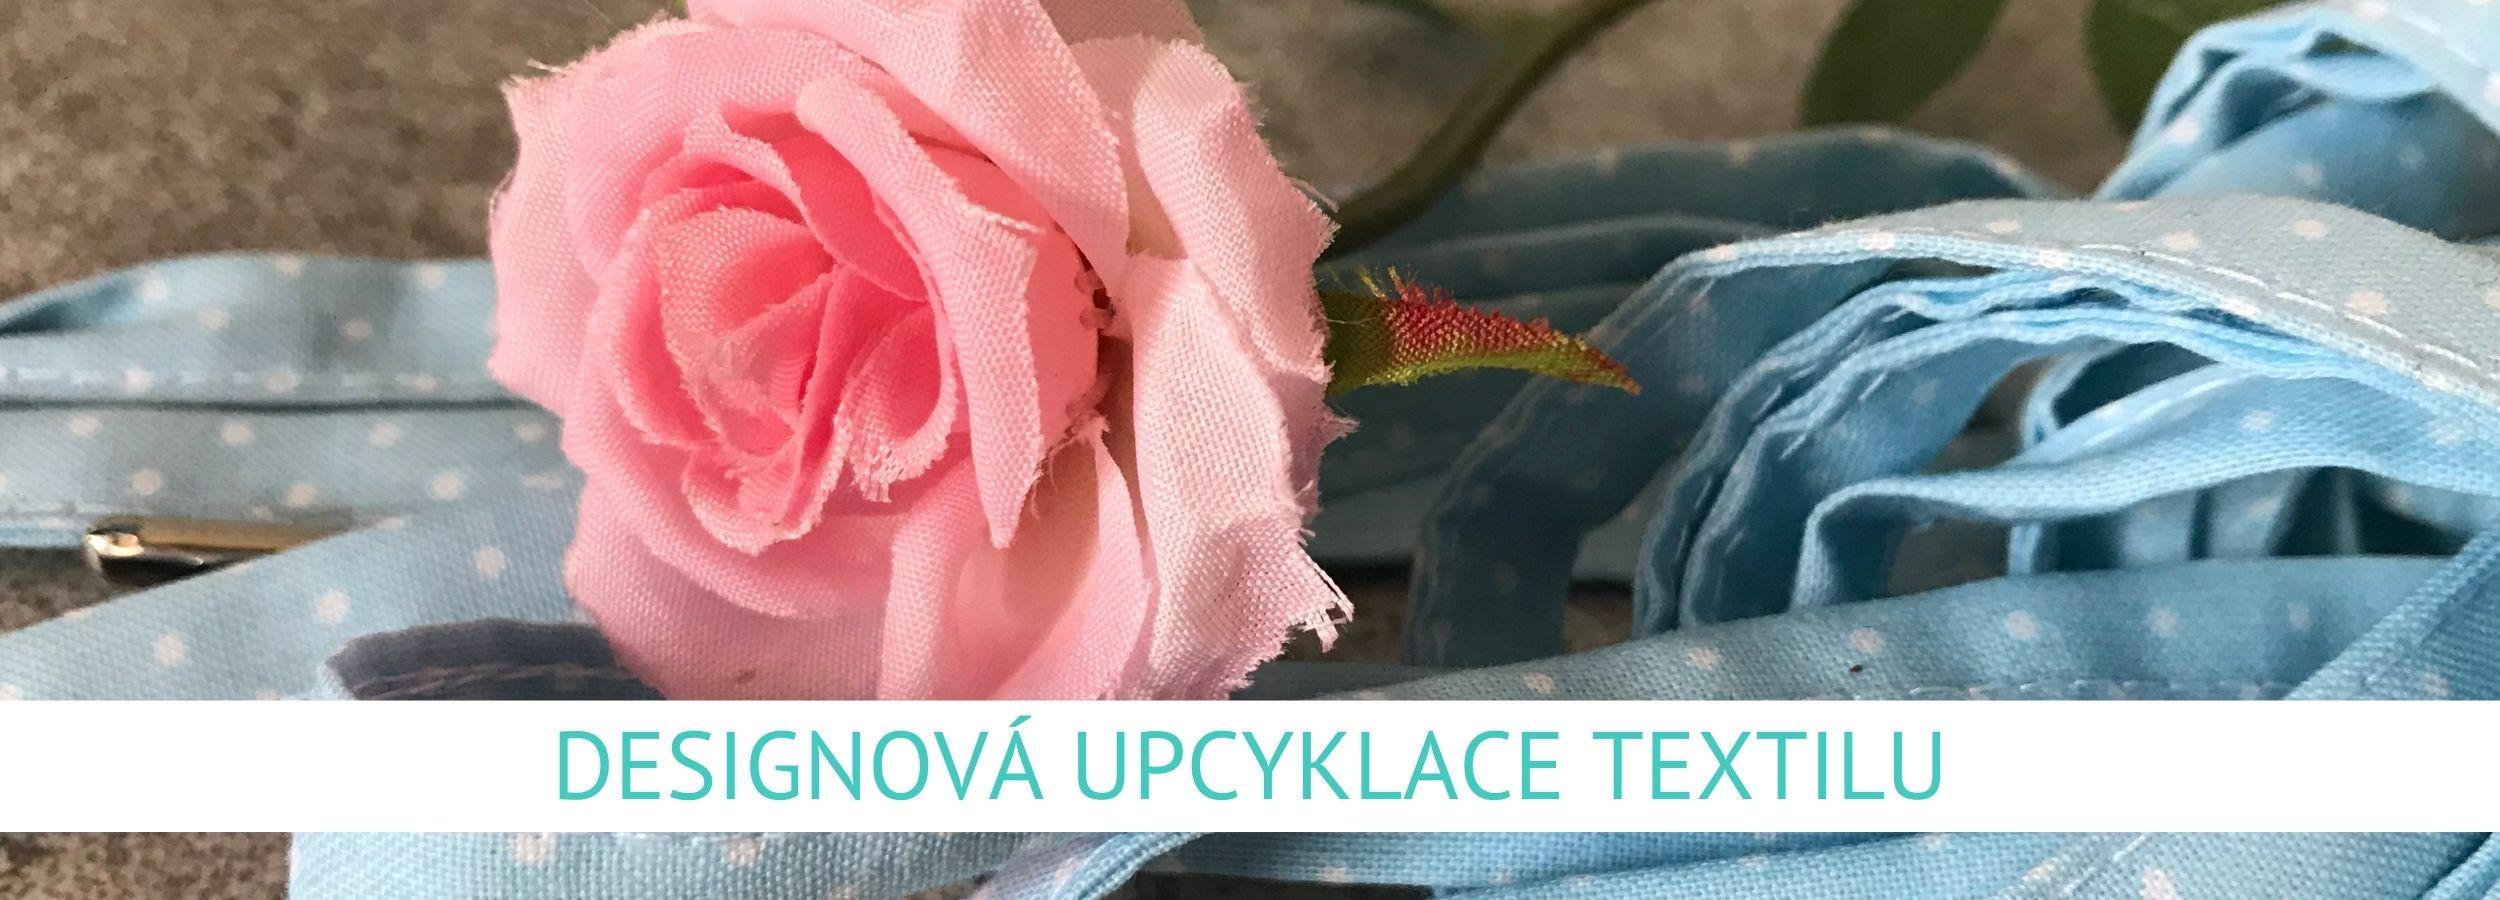 Designová upcyklace textilu